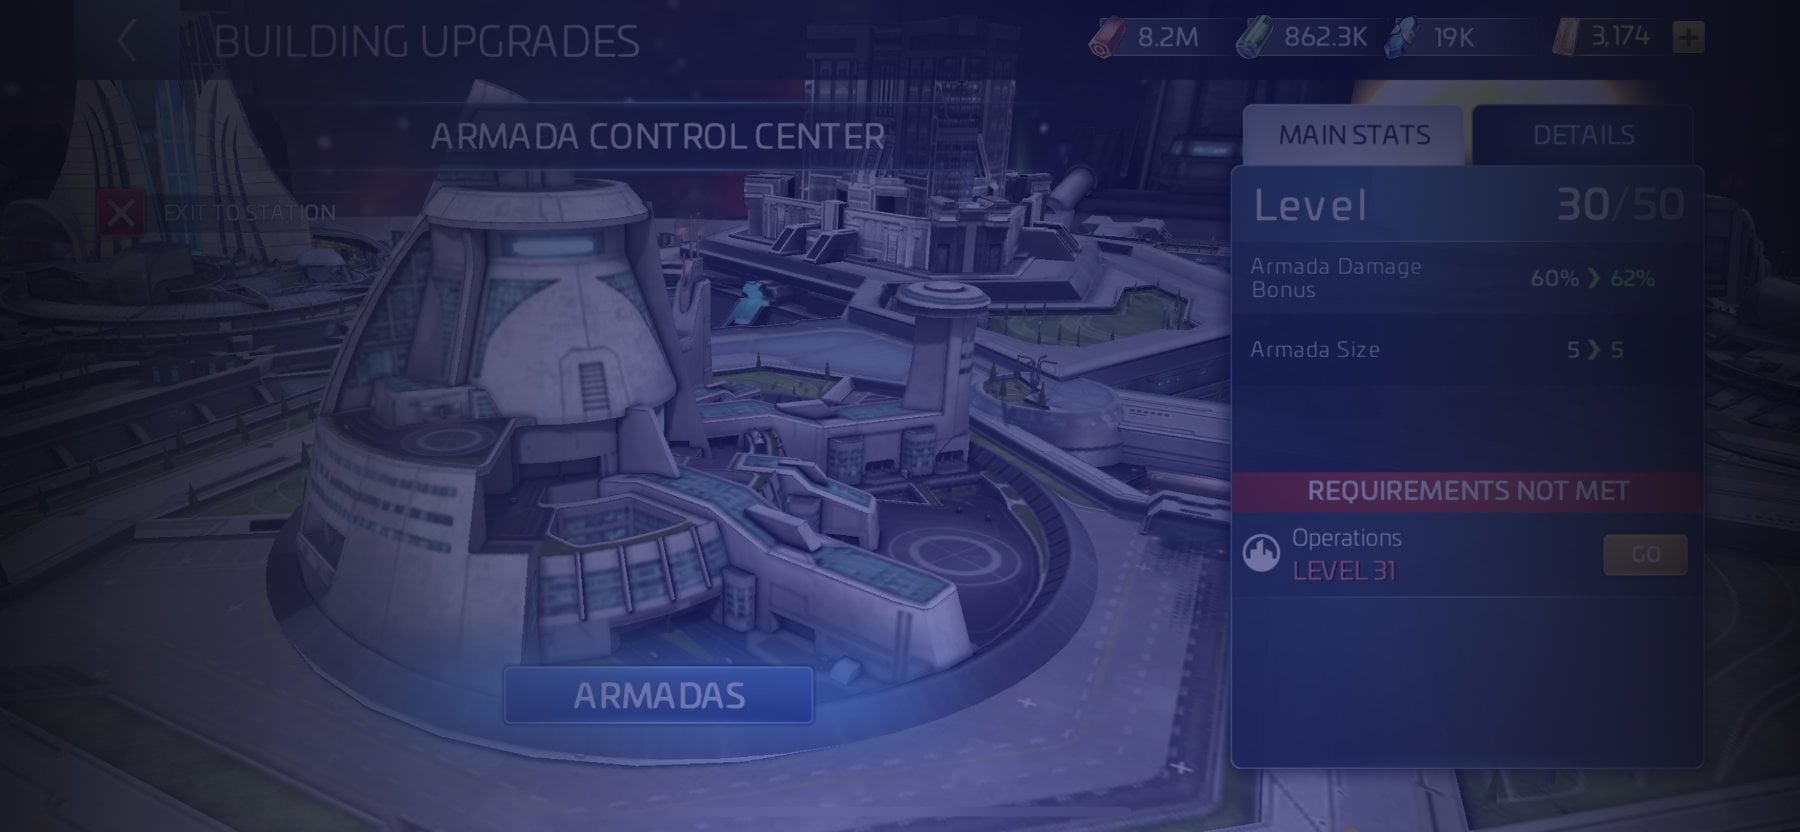 Armada Control Center